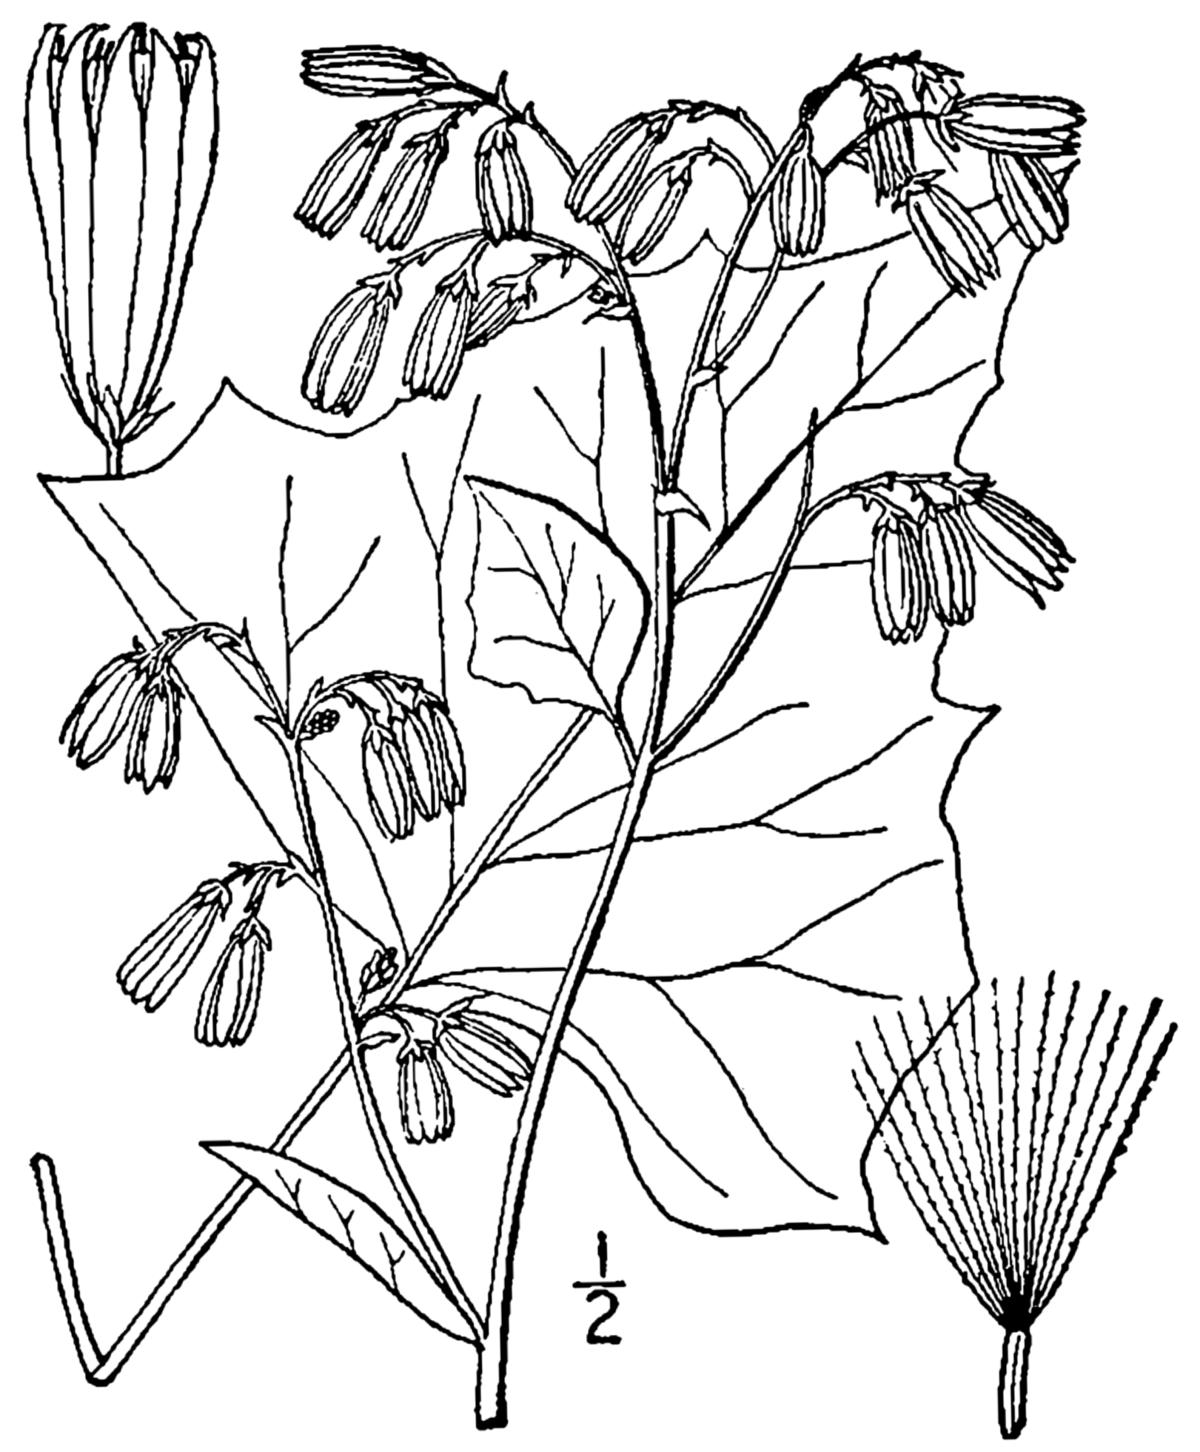 nabalus albus